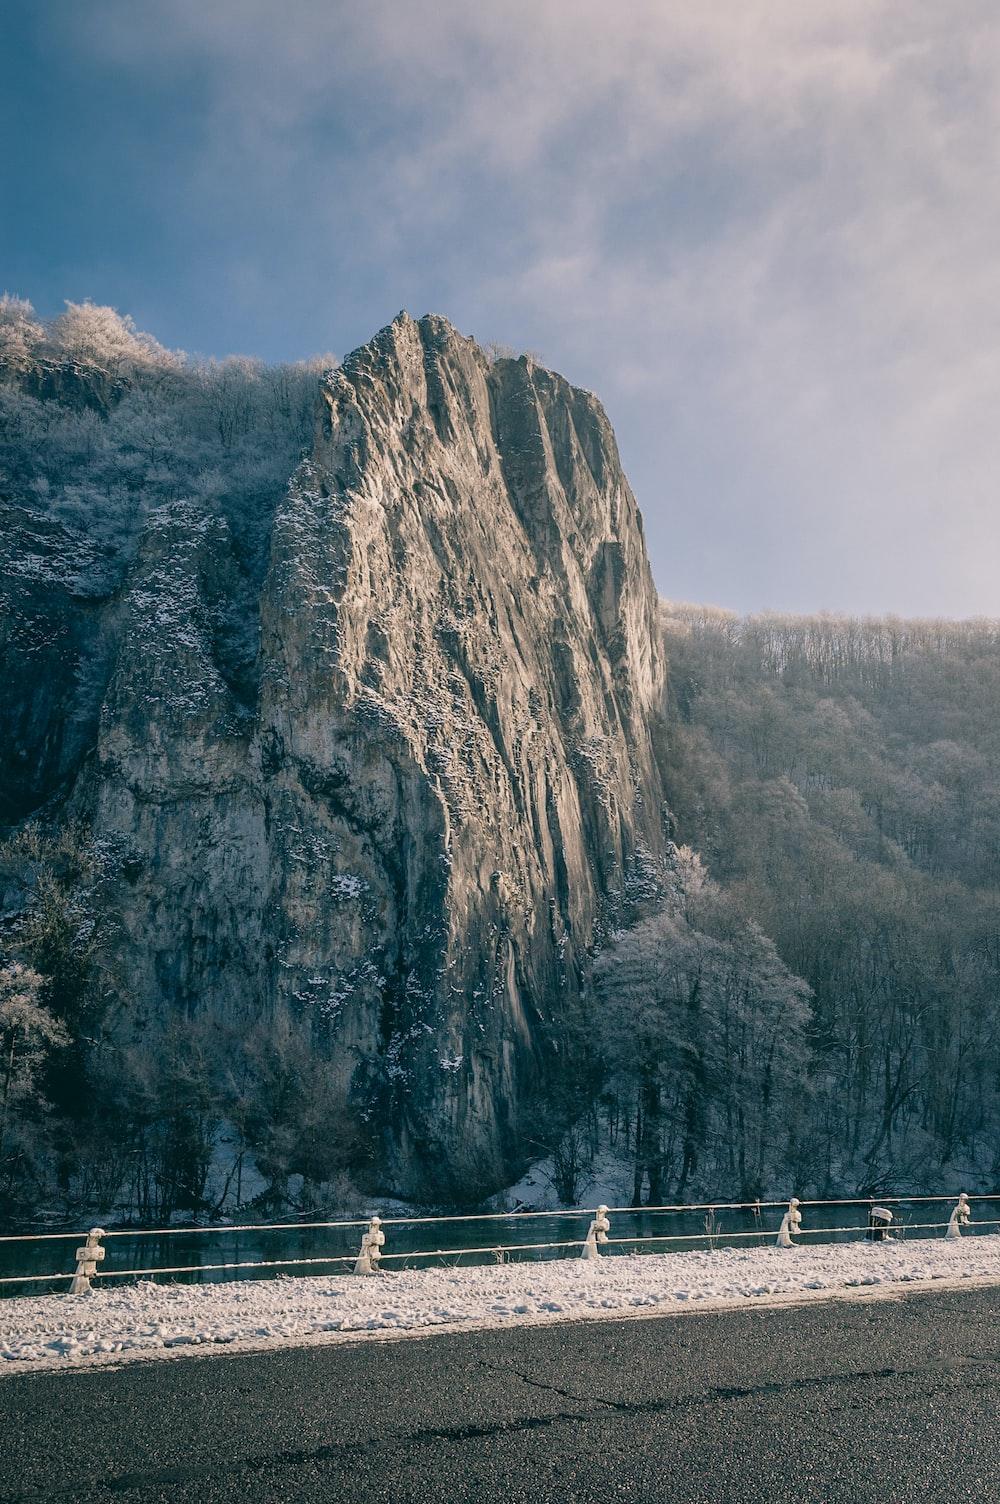 landscape shot of trees